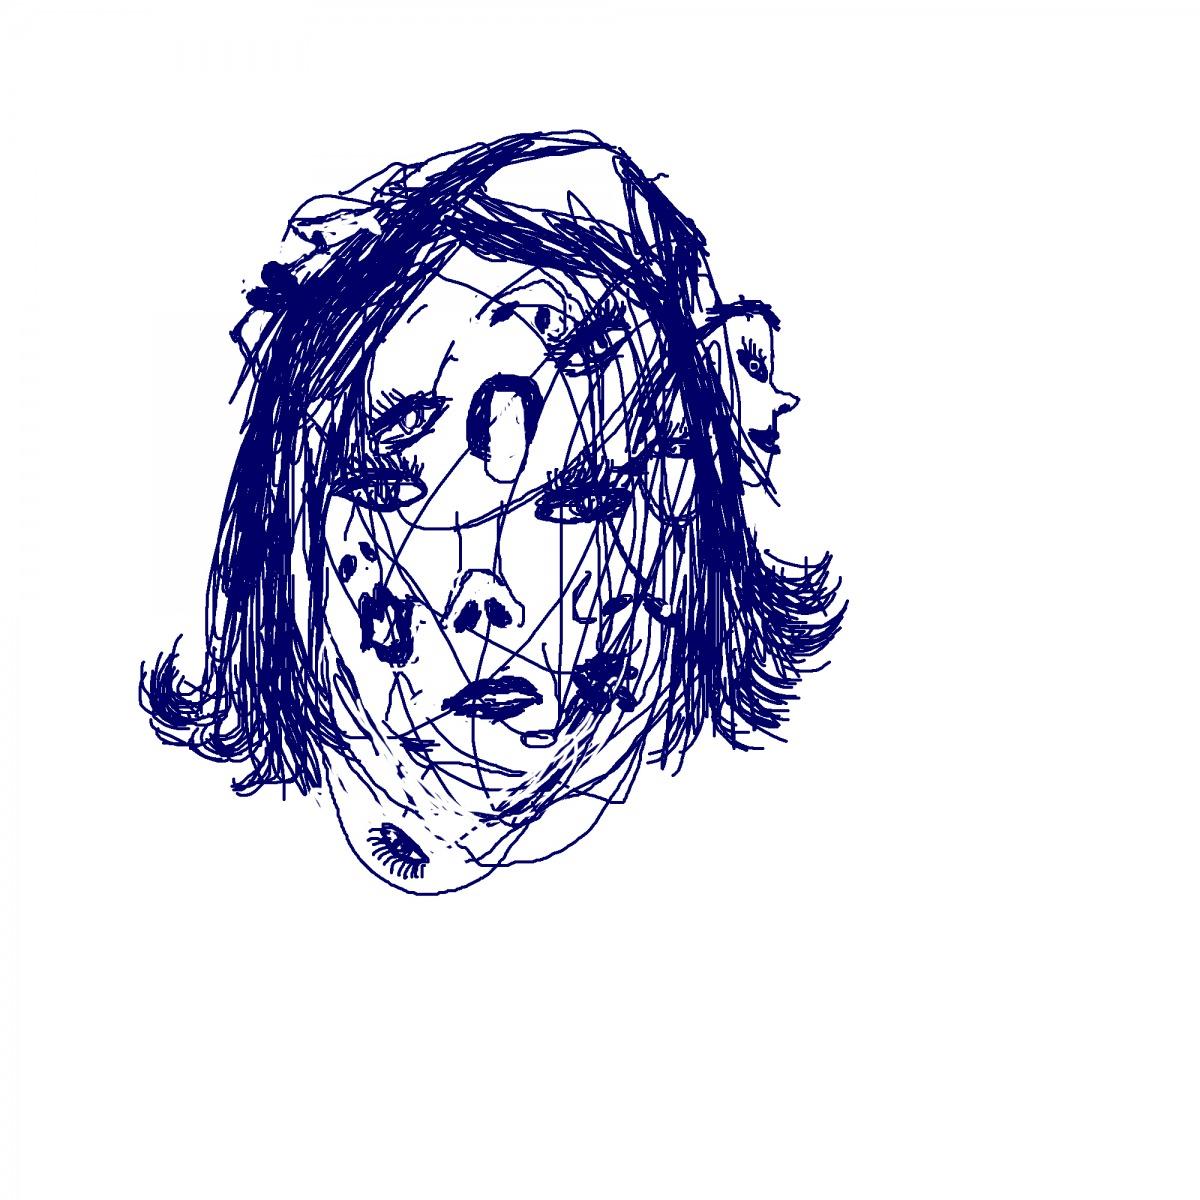 רועי חפץ, ויקטוריה בית אנה טיכו, מוזיאון ישראל אוצרת: תמנע זליגמן 27.11.16 – 23.3.17